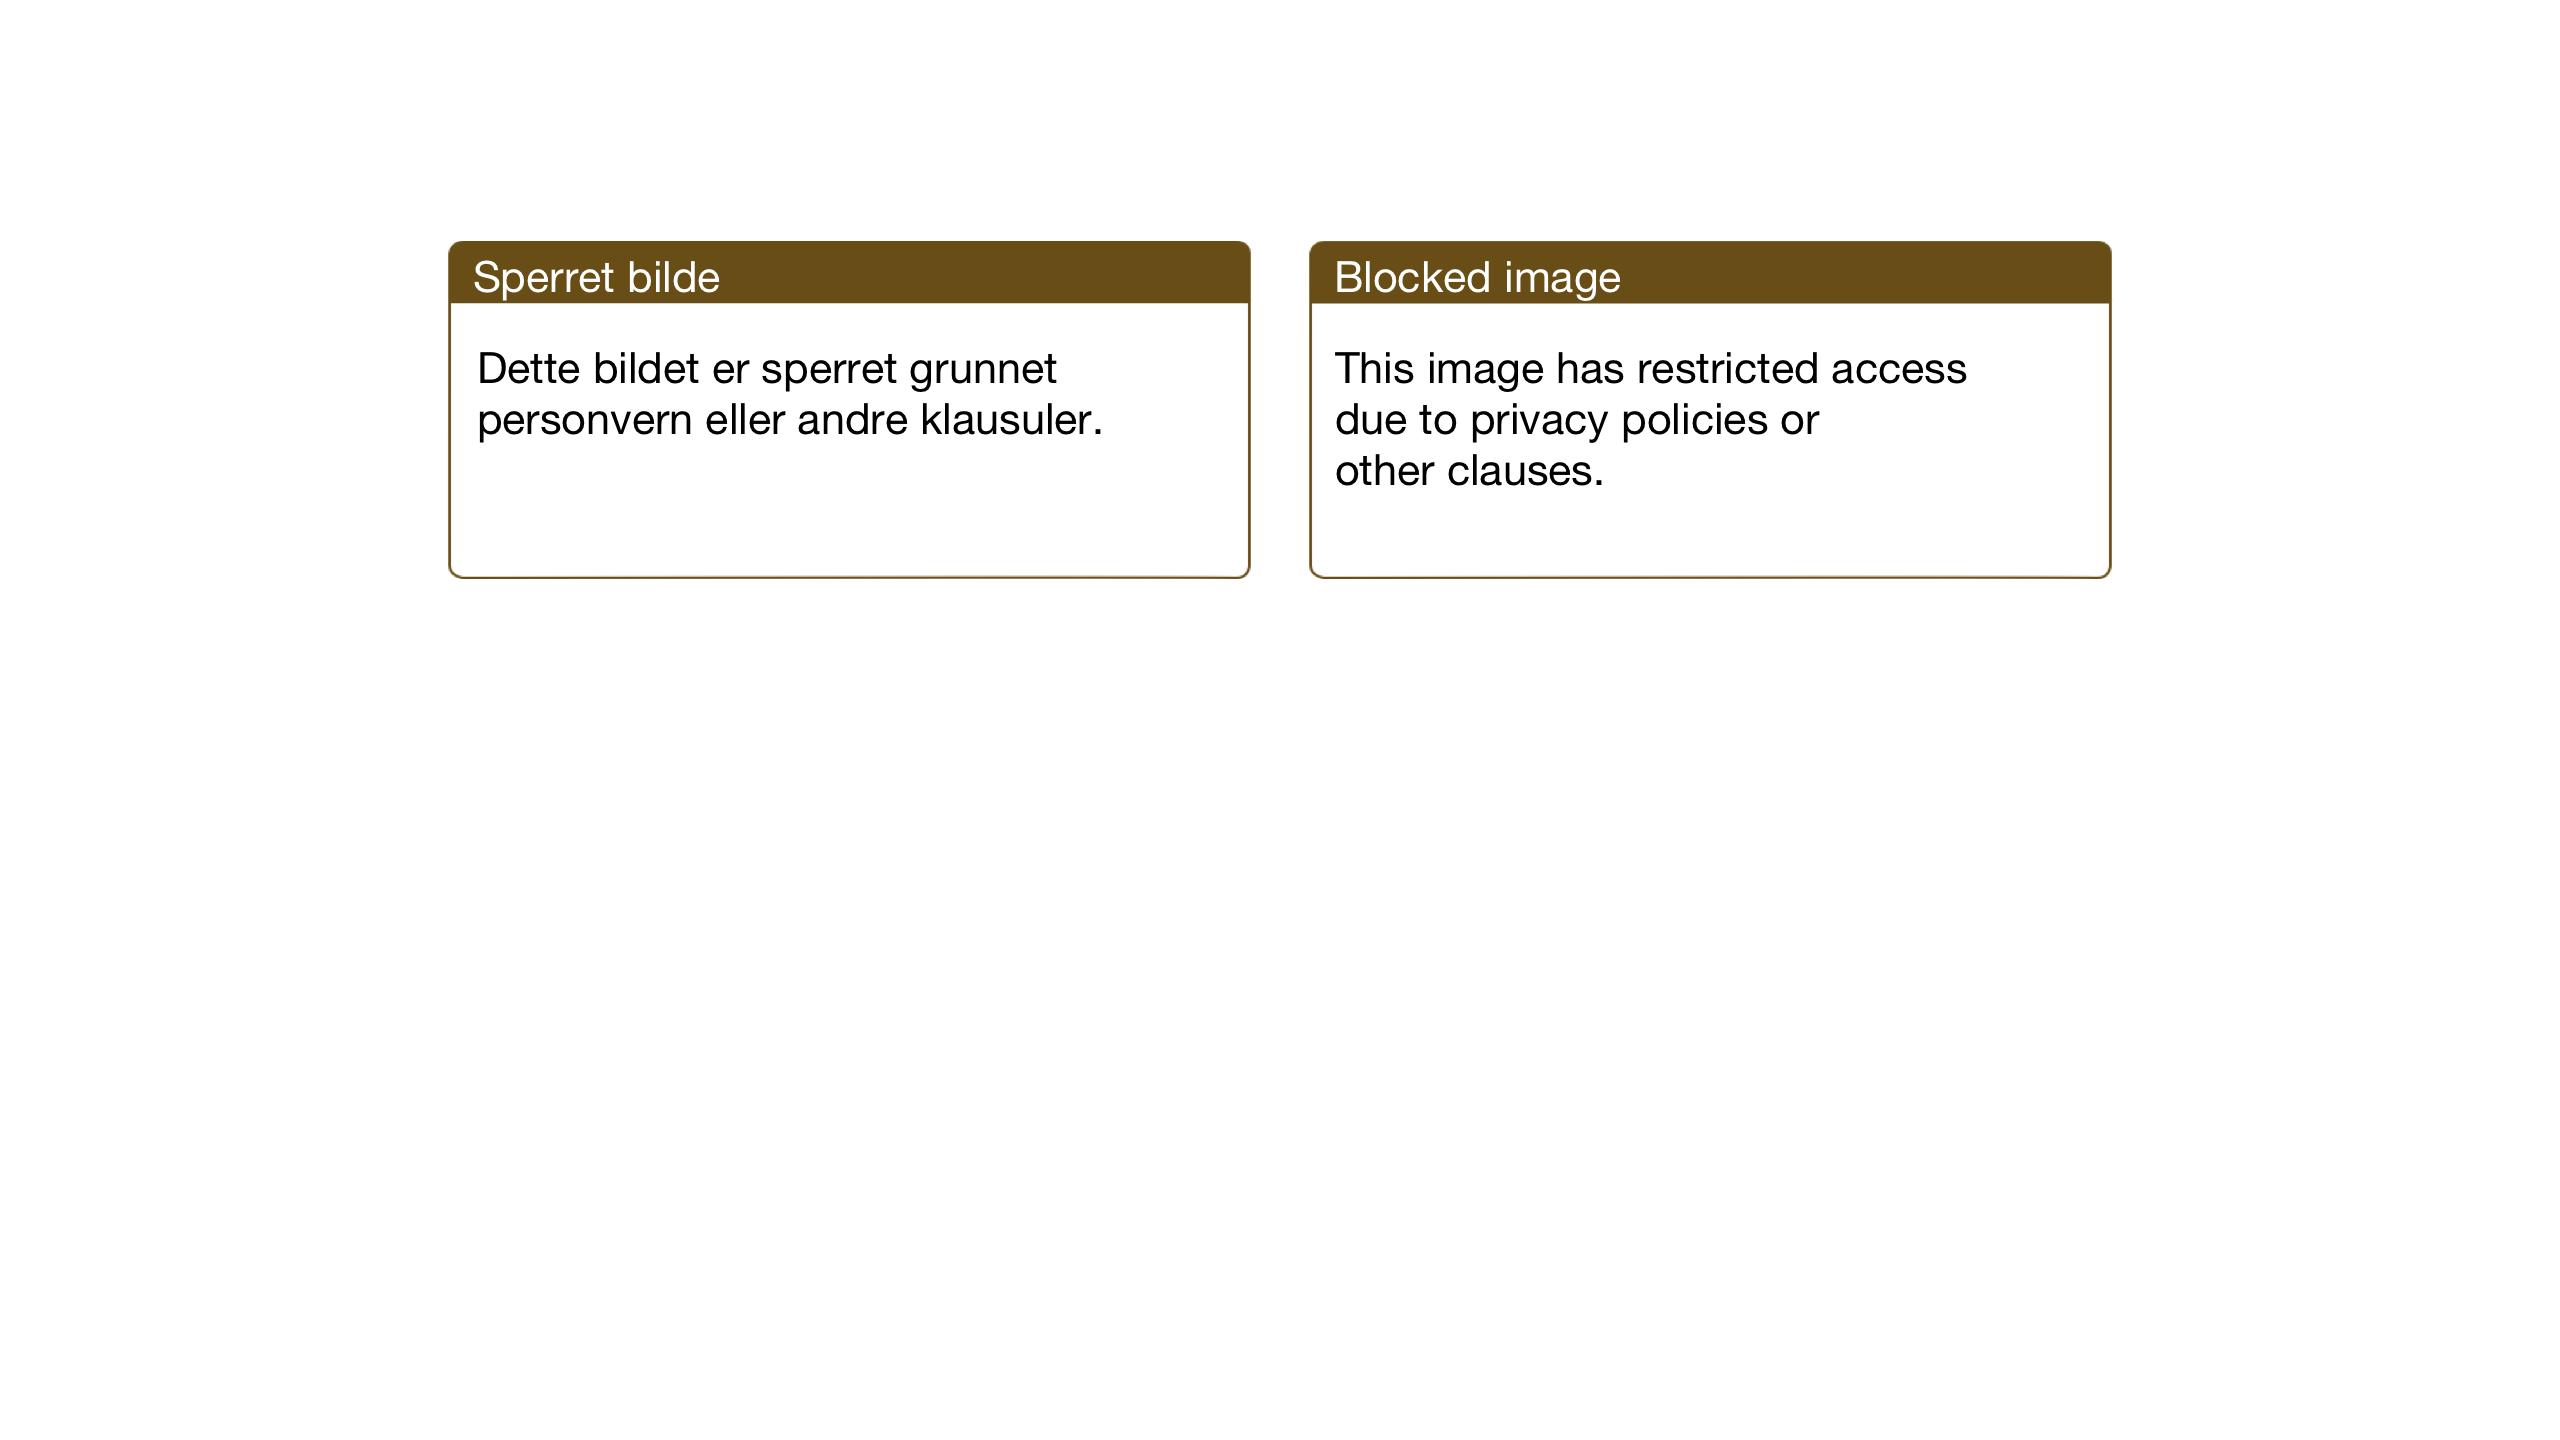 SAT, Ministerialprotokoller, klokkerbøker og fødselsregistre - Sør-Trøndelag, 637/L0564: Klokkerbok nr. 637C05, 1928-1968, s. 145